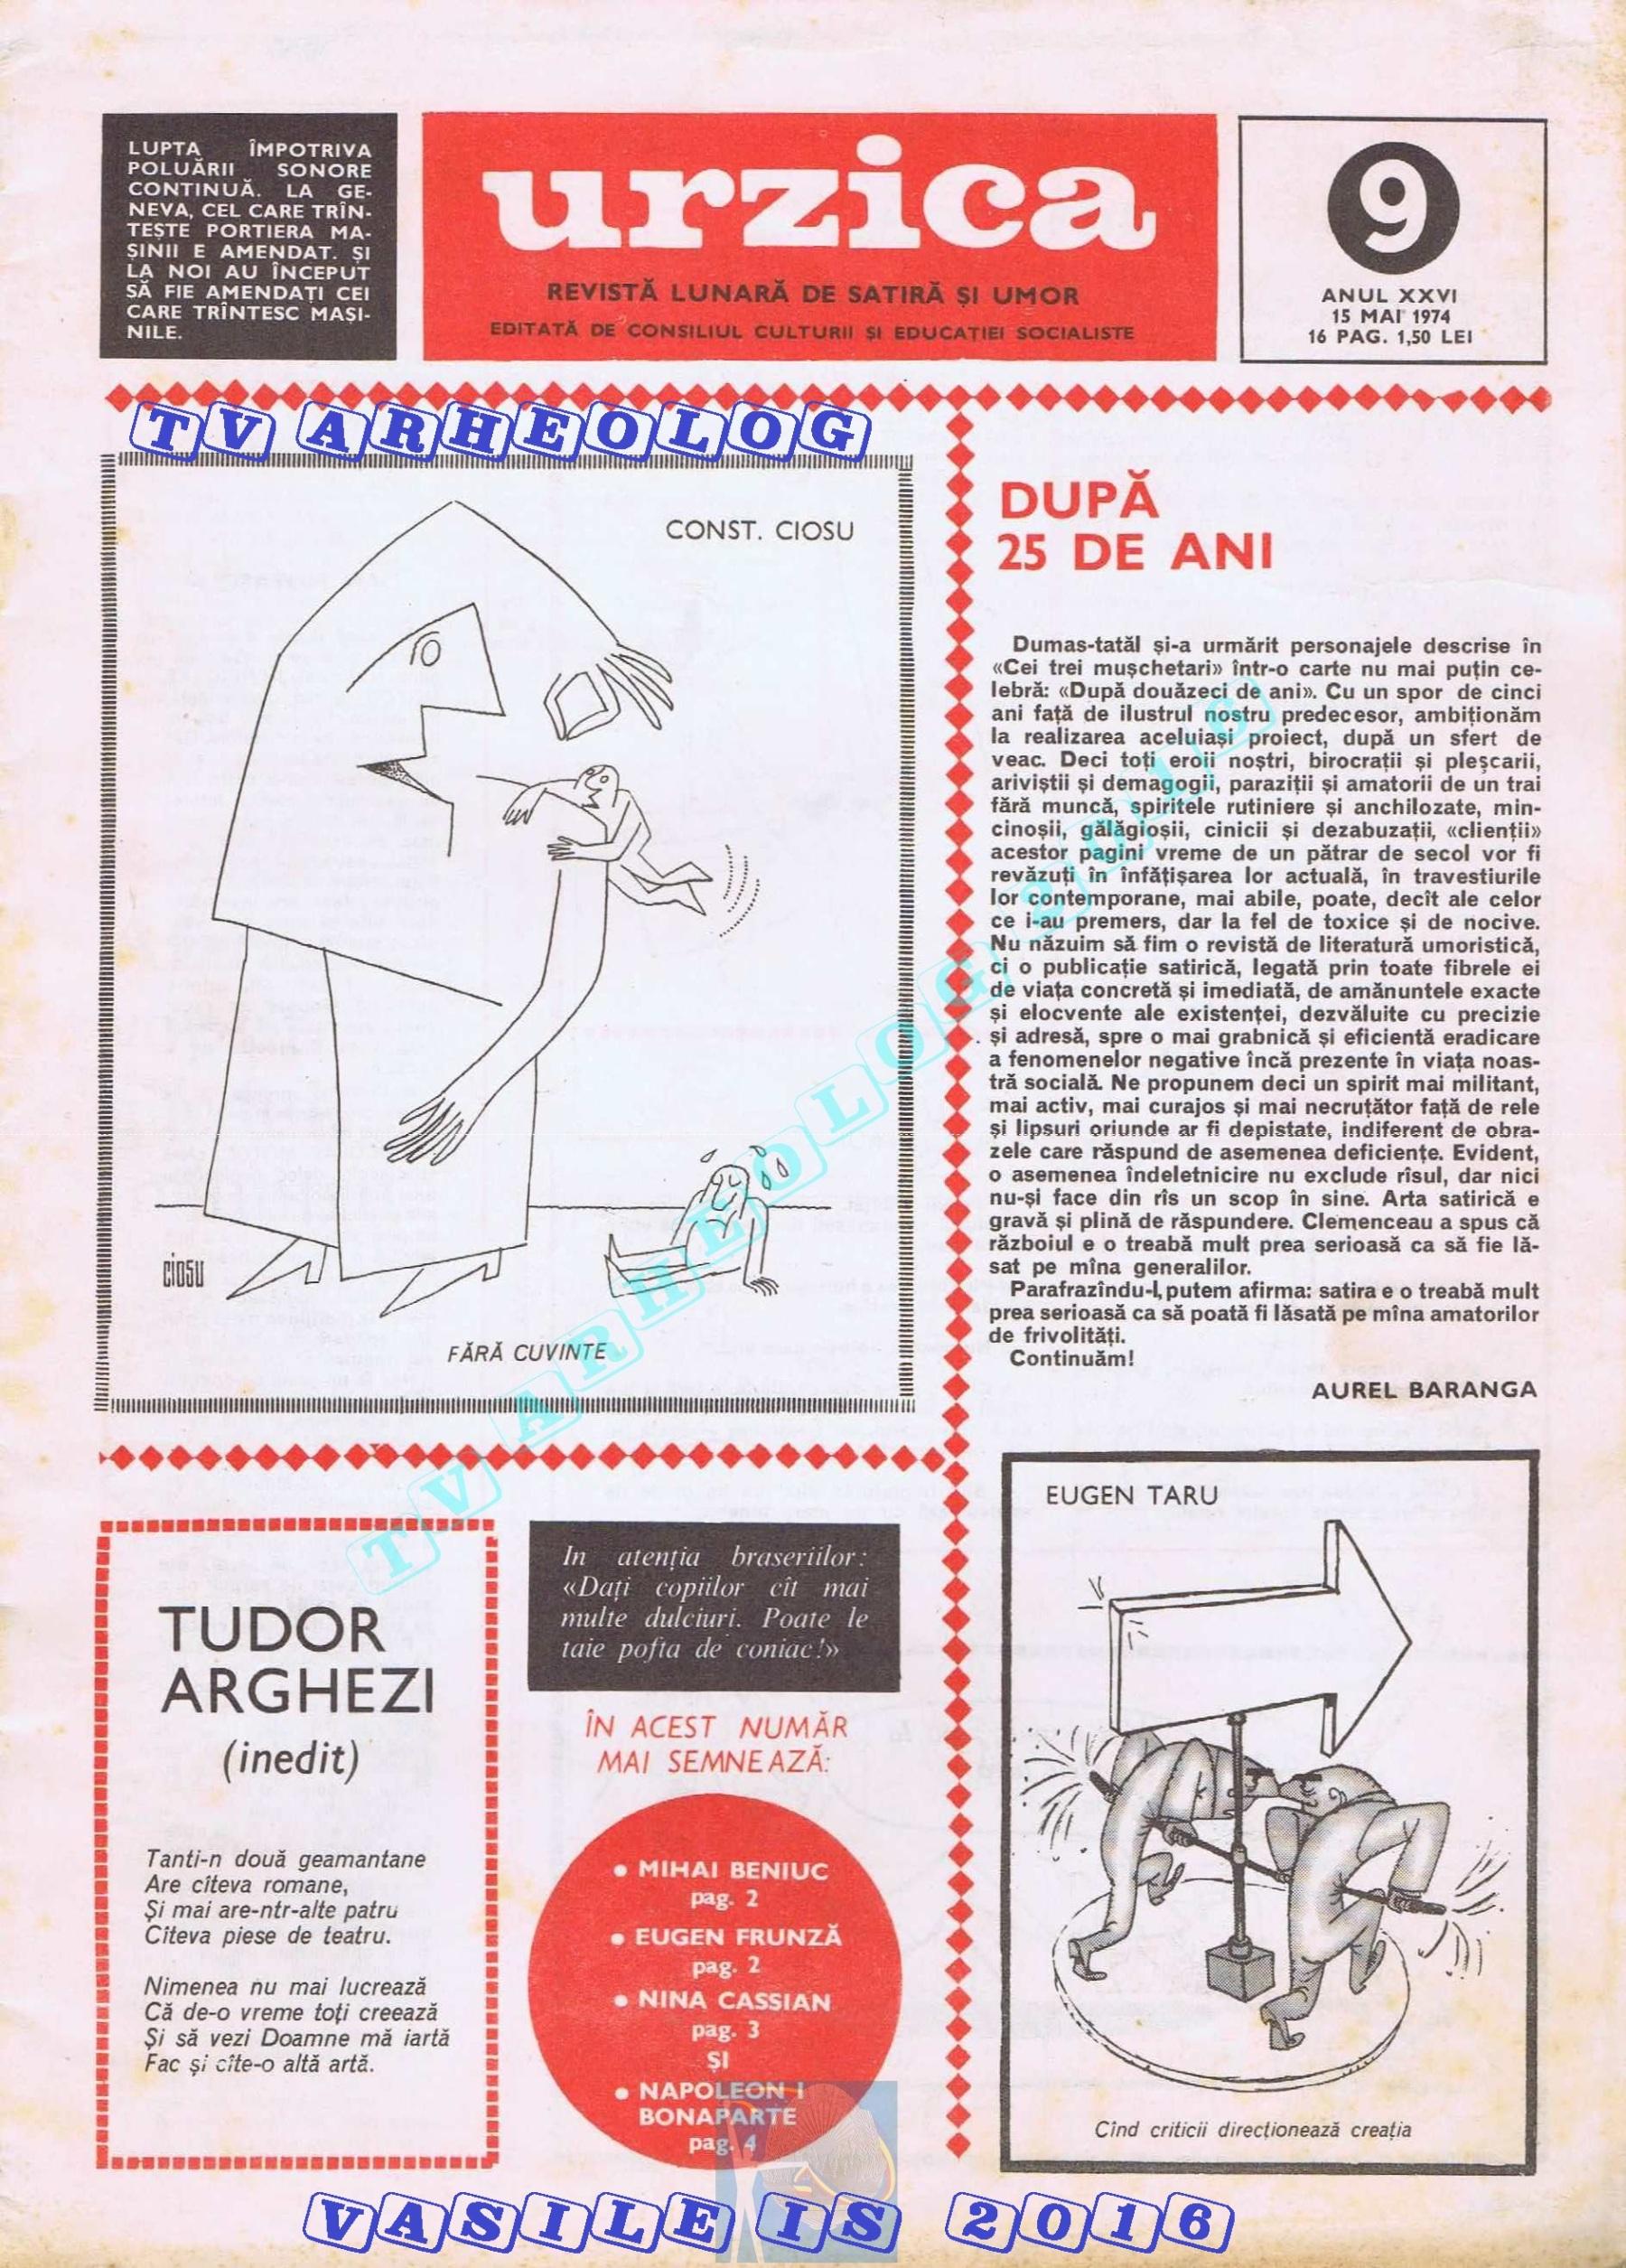 Urzica 1974-09 01